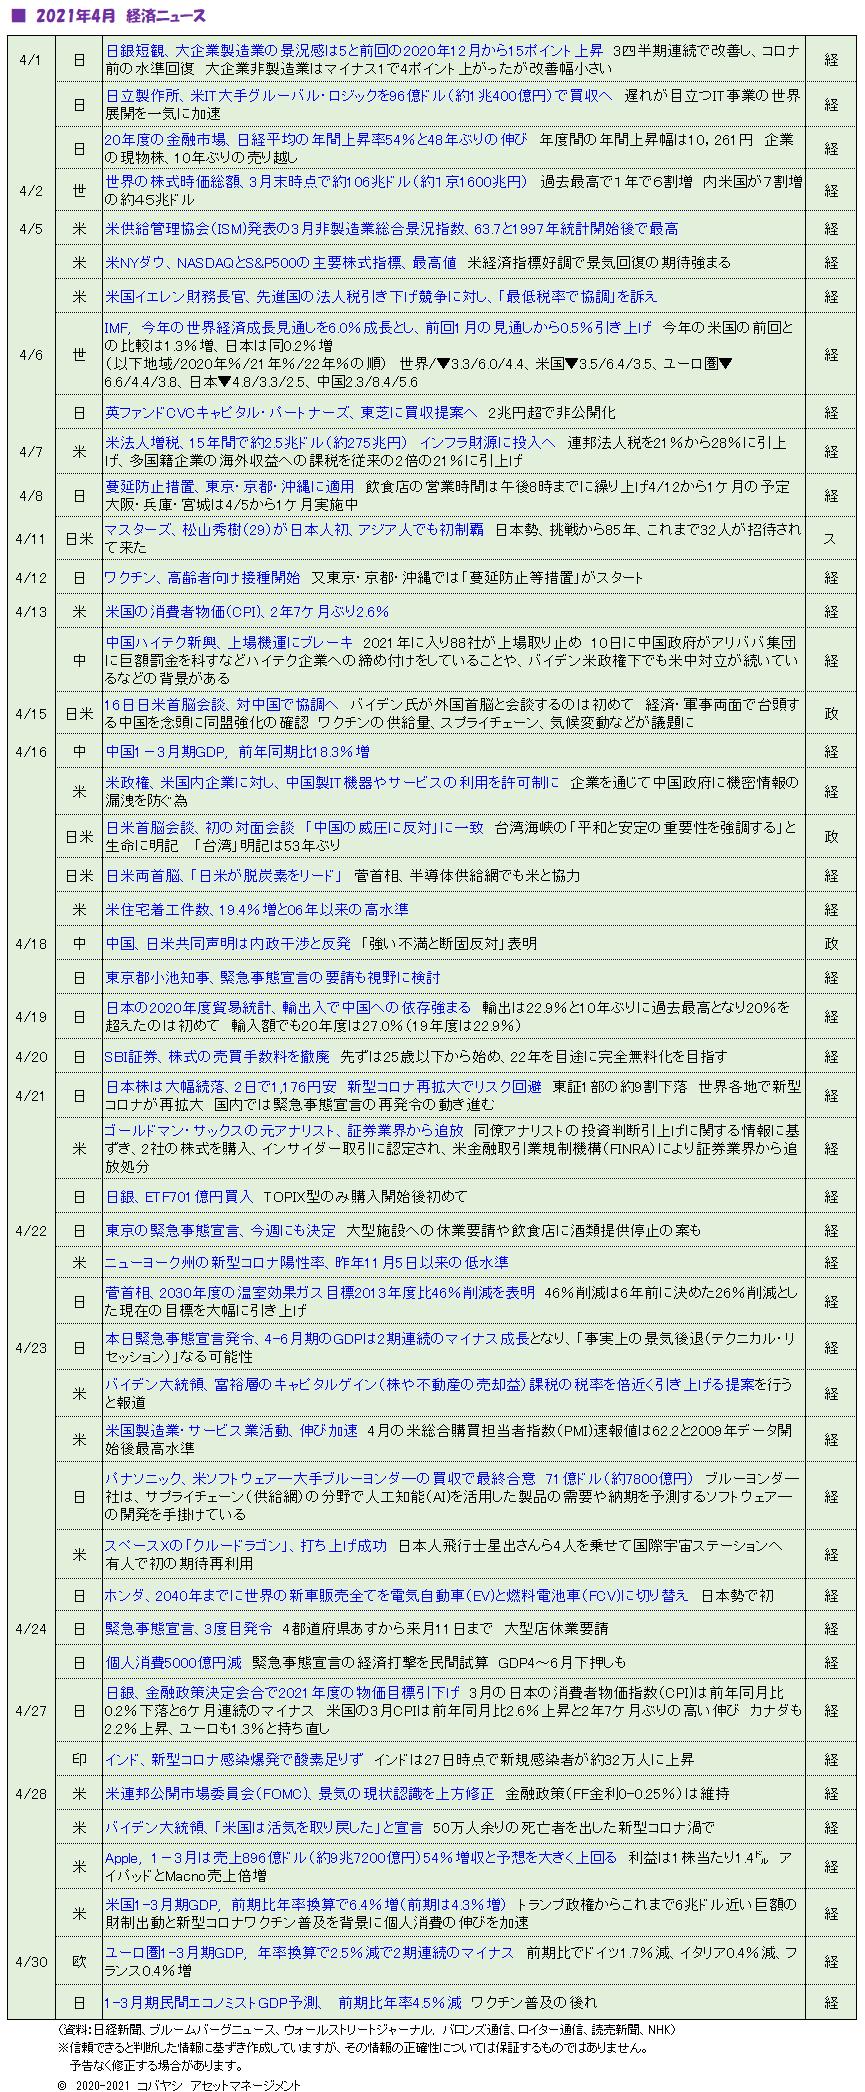 '210501_21年4月ニュース